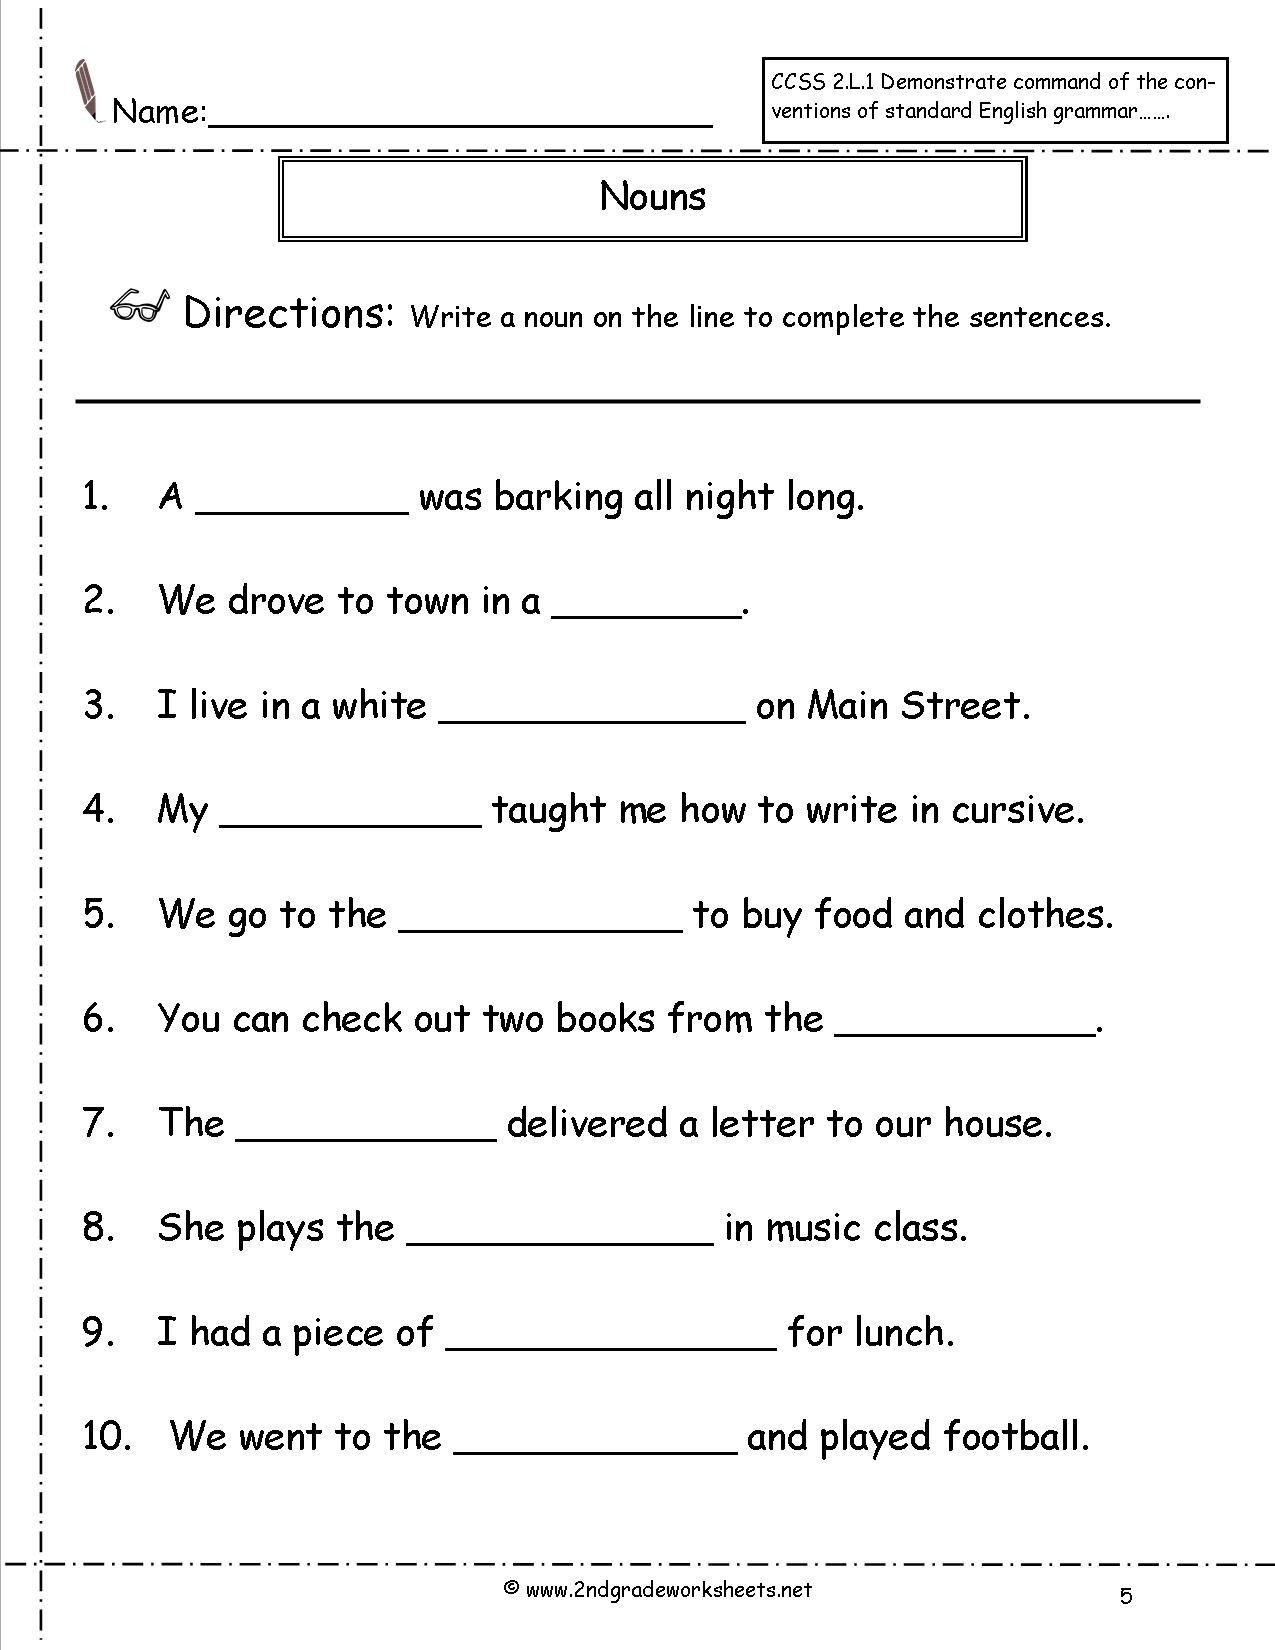 hight resolution of English Grammar Noun Worksheet For Grade 1 Elegant Nouns Worksheets on Best  Worksheets Collection 6616